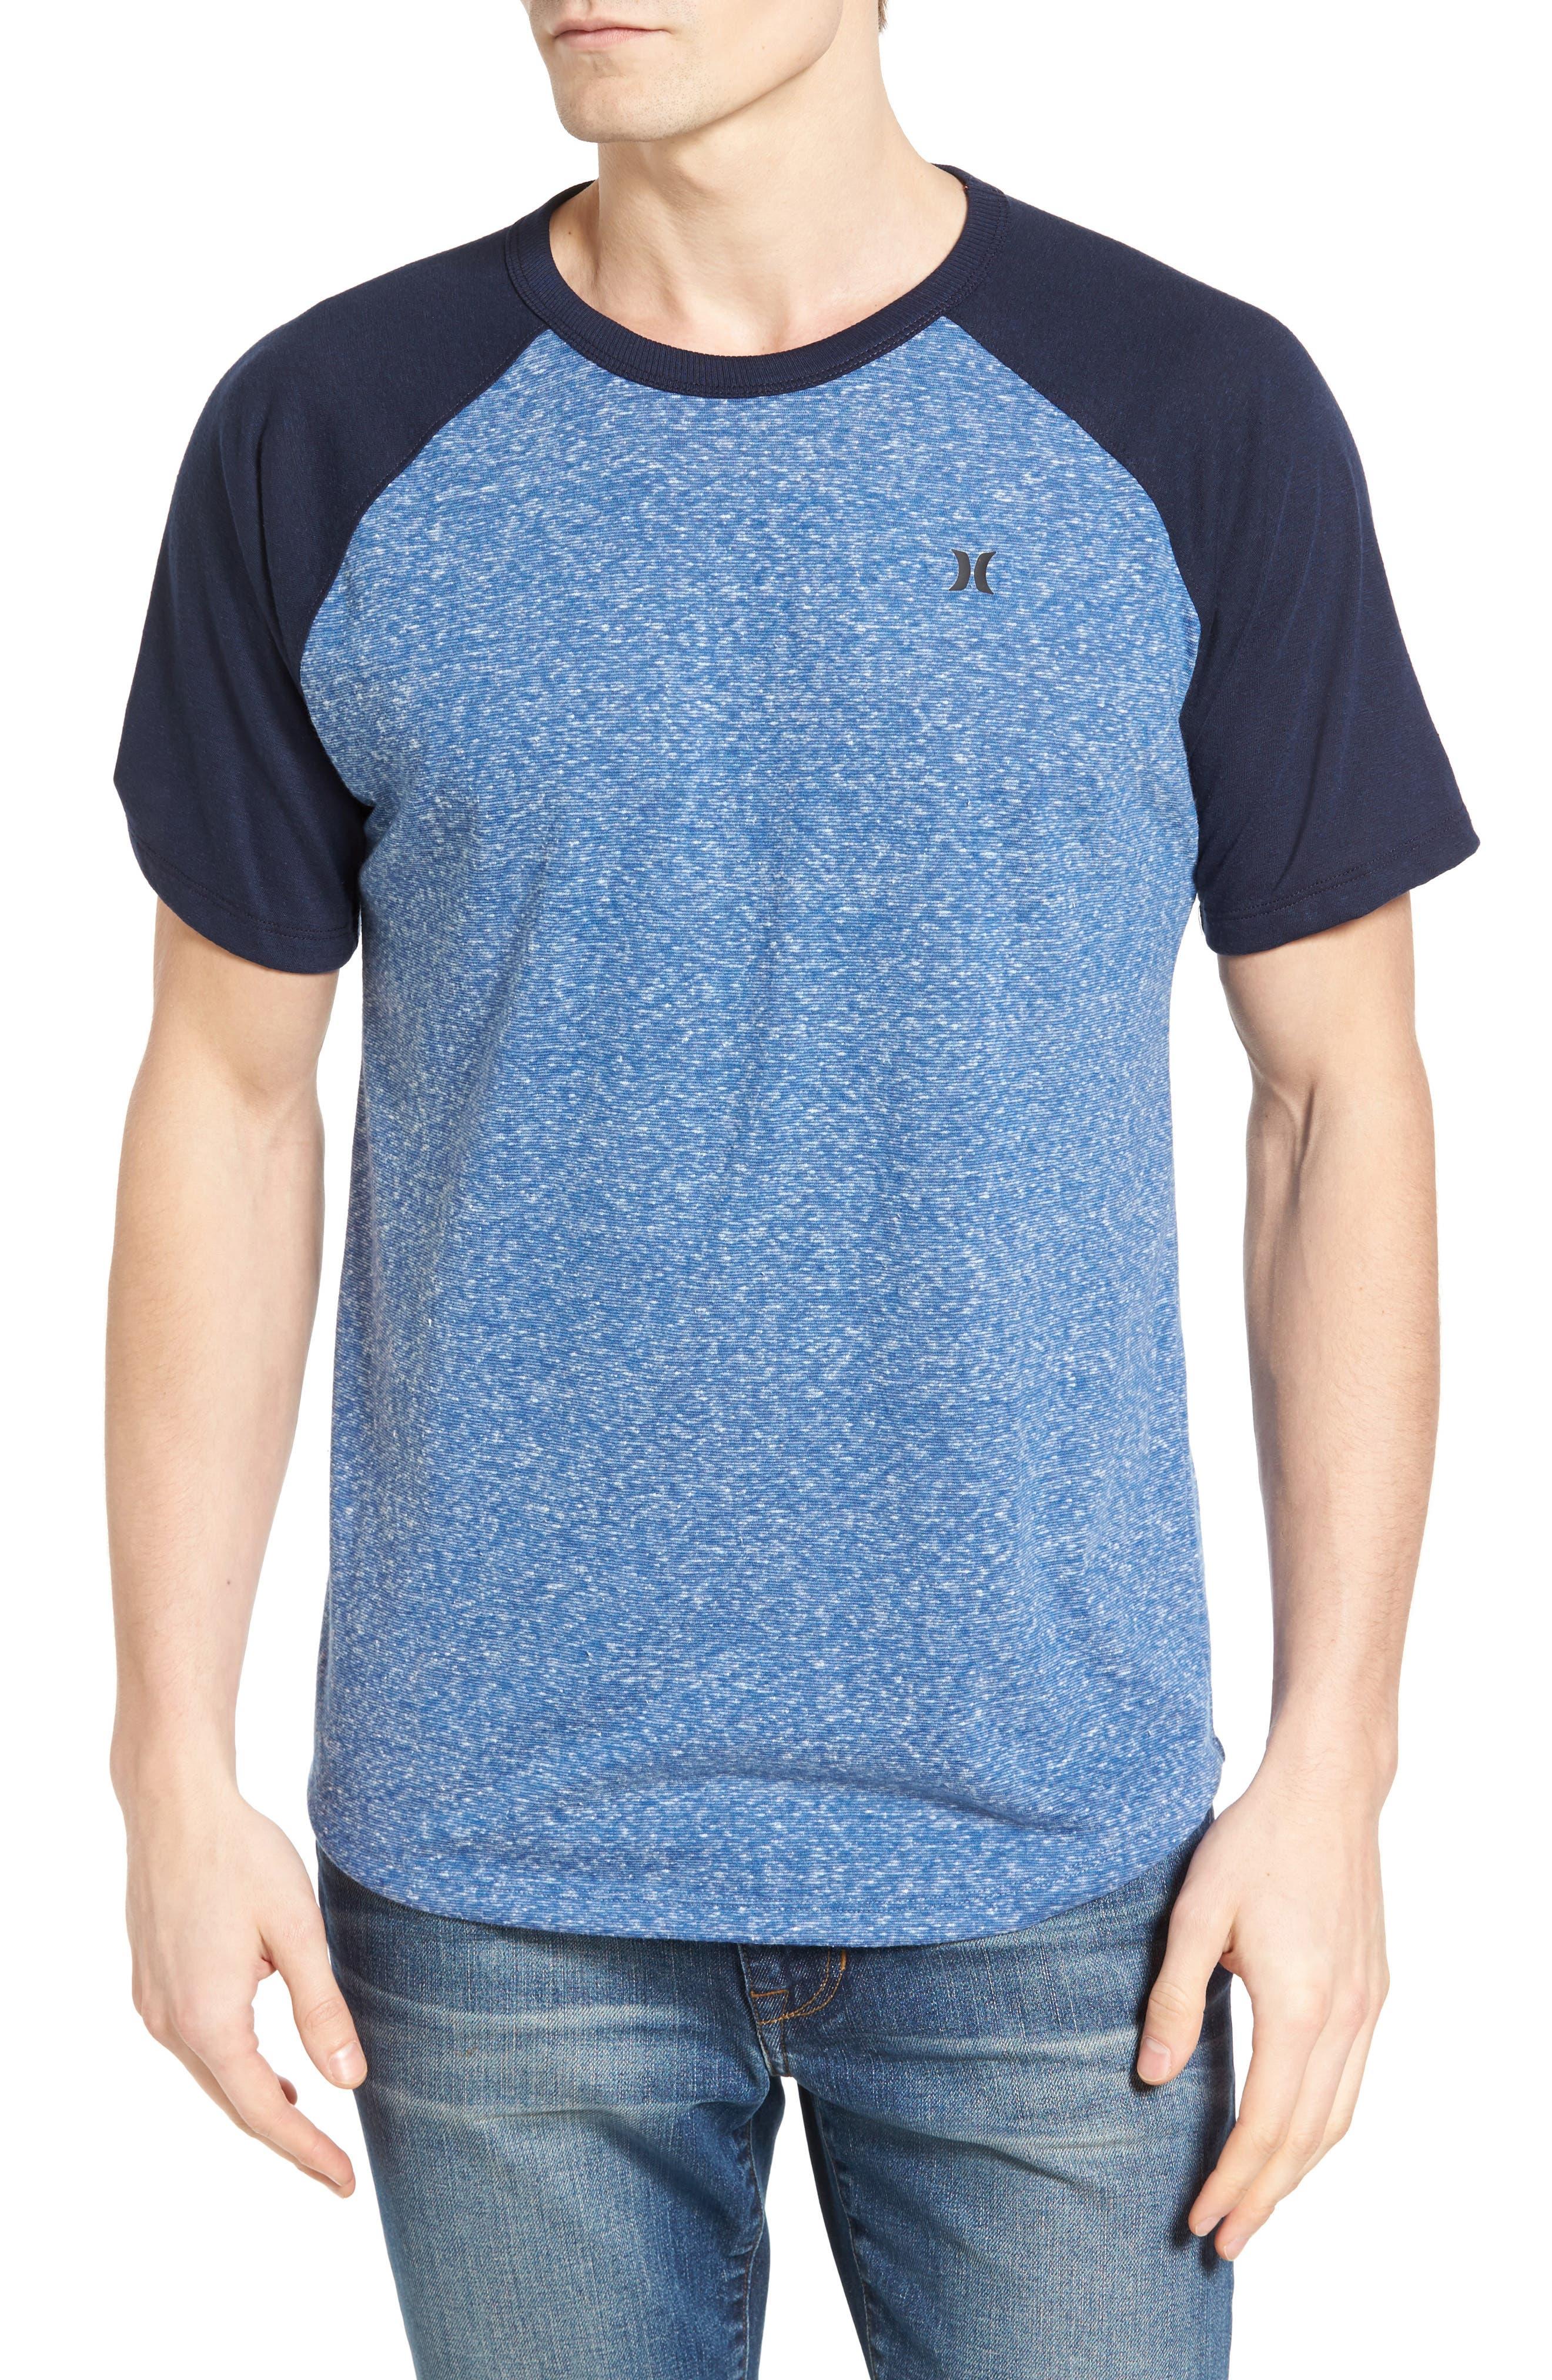 Hurley Still Classic Raglan T-Shirt